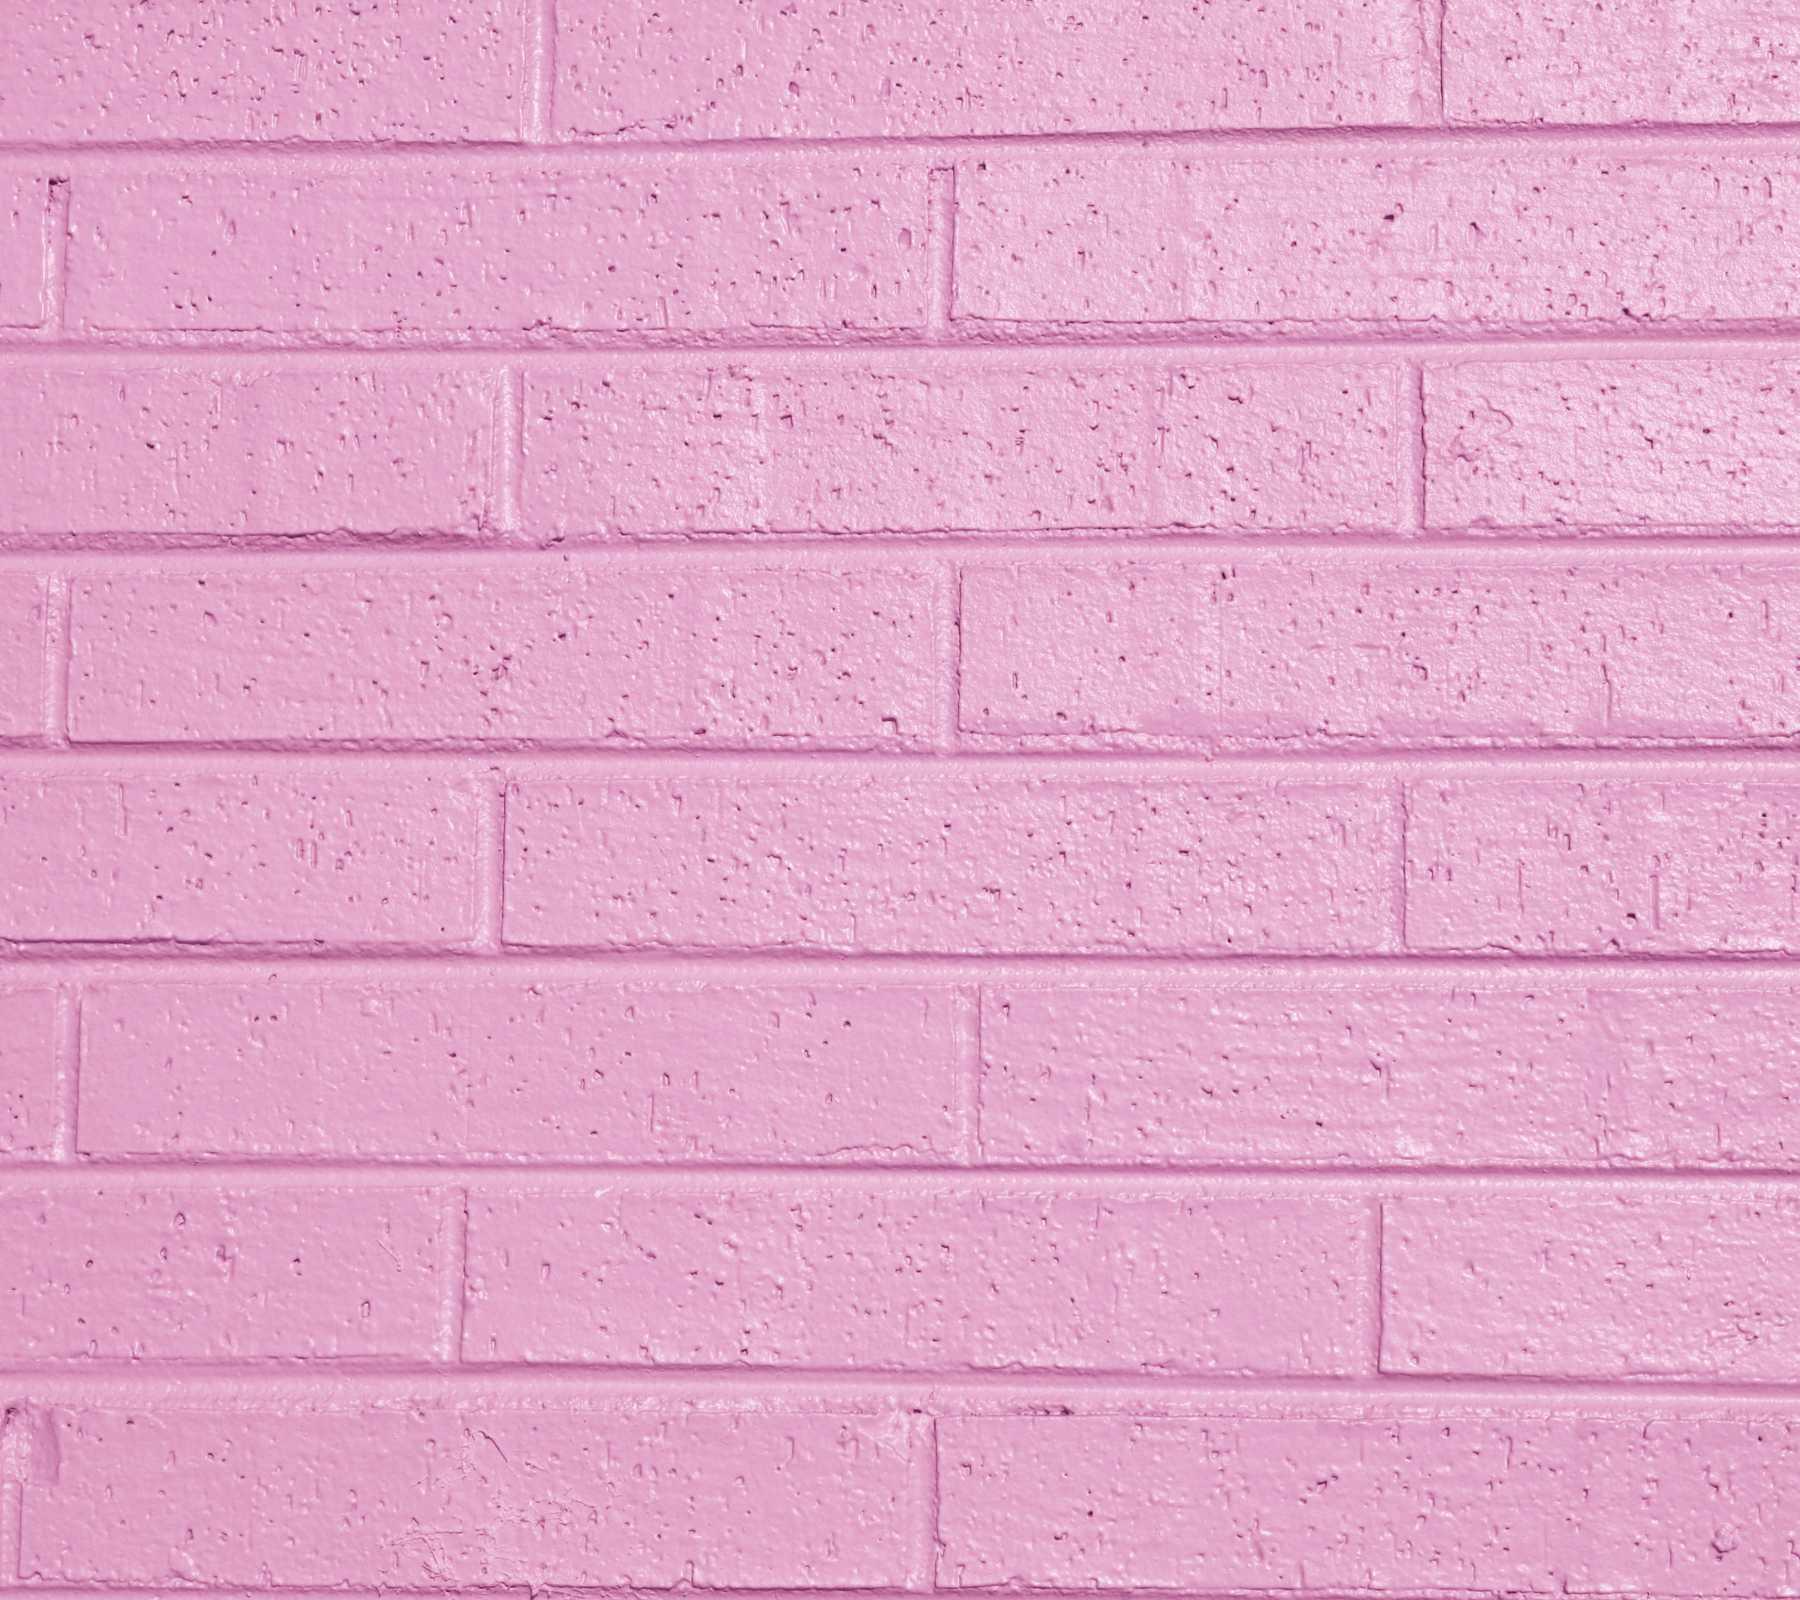 Pink Painted Brick Wall